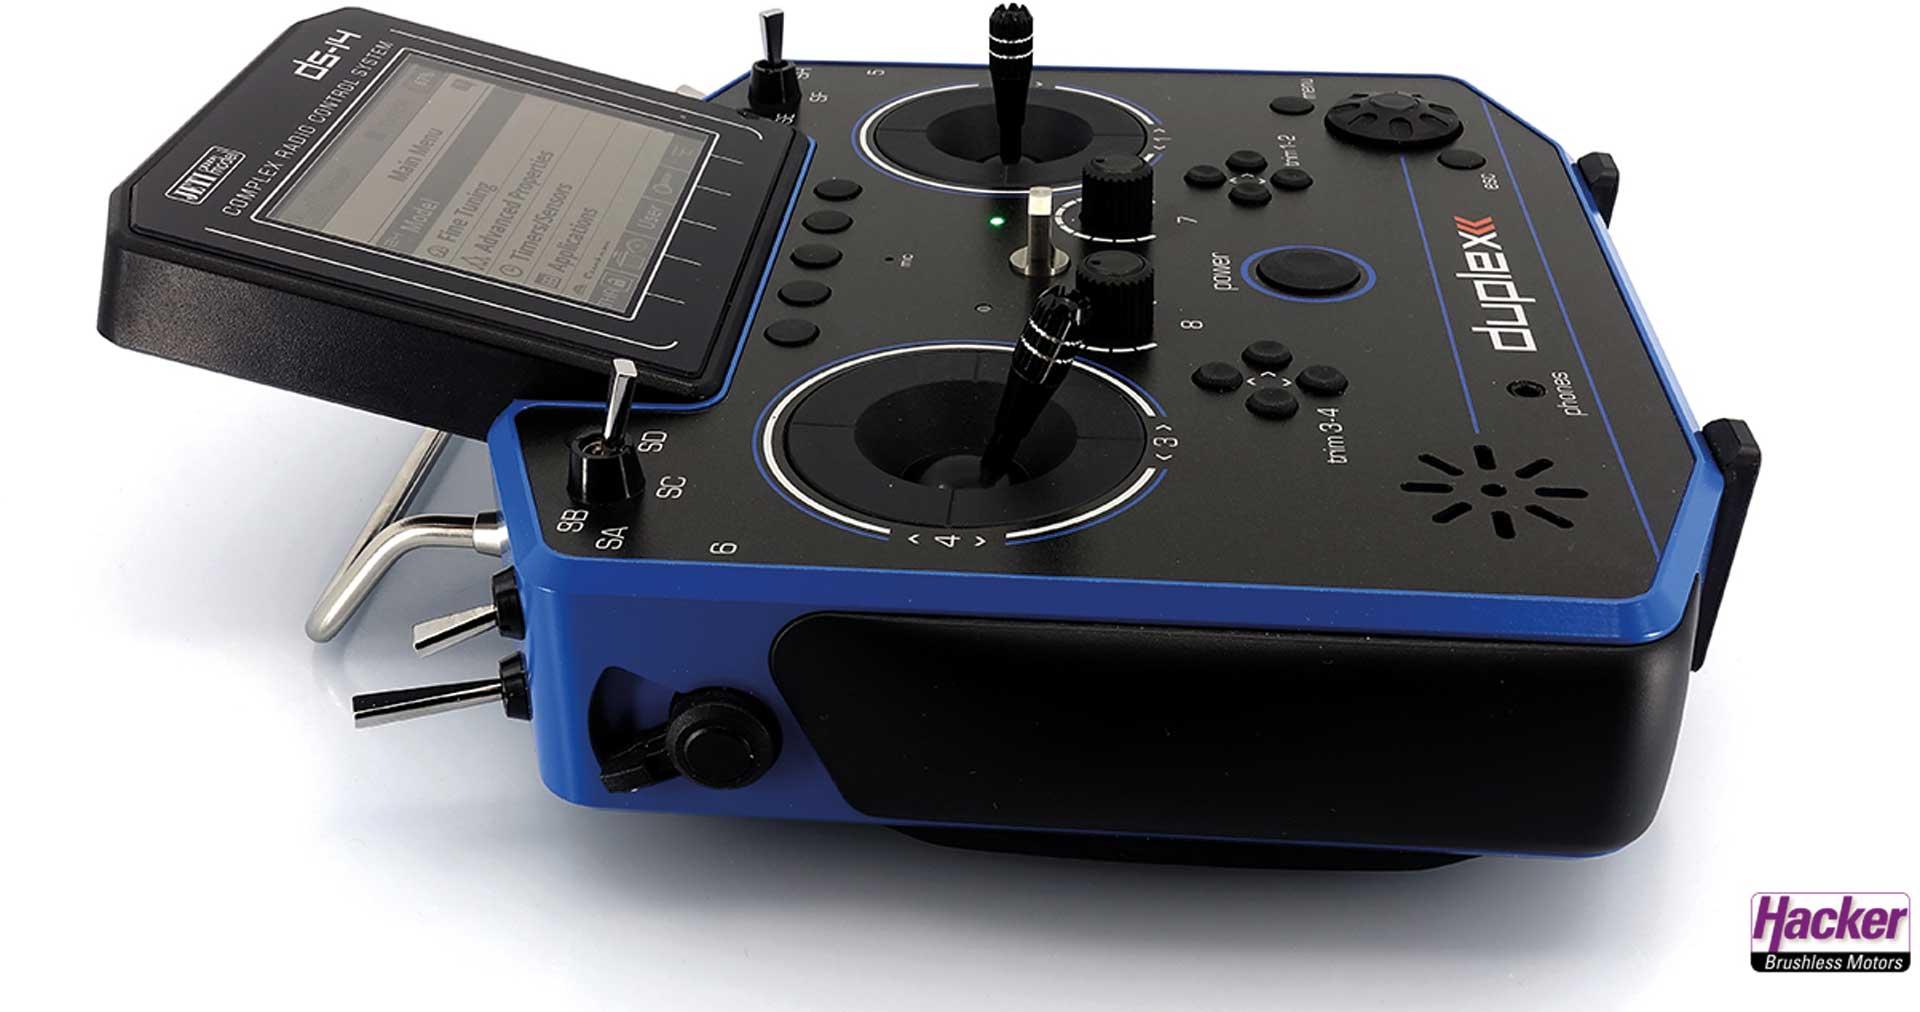 JETI DS-14 II Blau Handsender Multimode 2,4Ghz Fernsteuerung